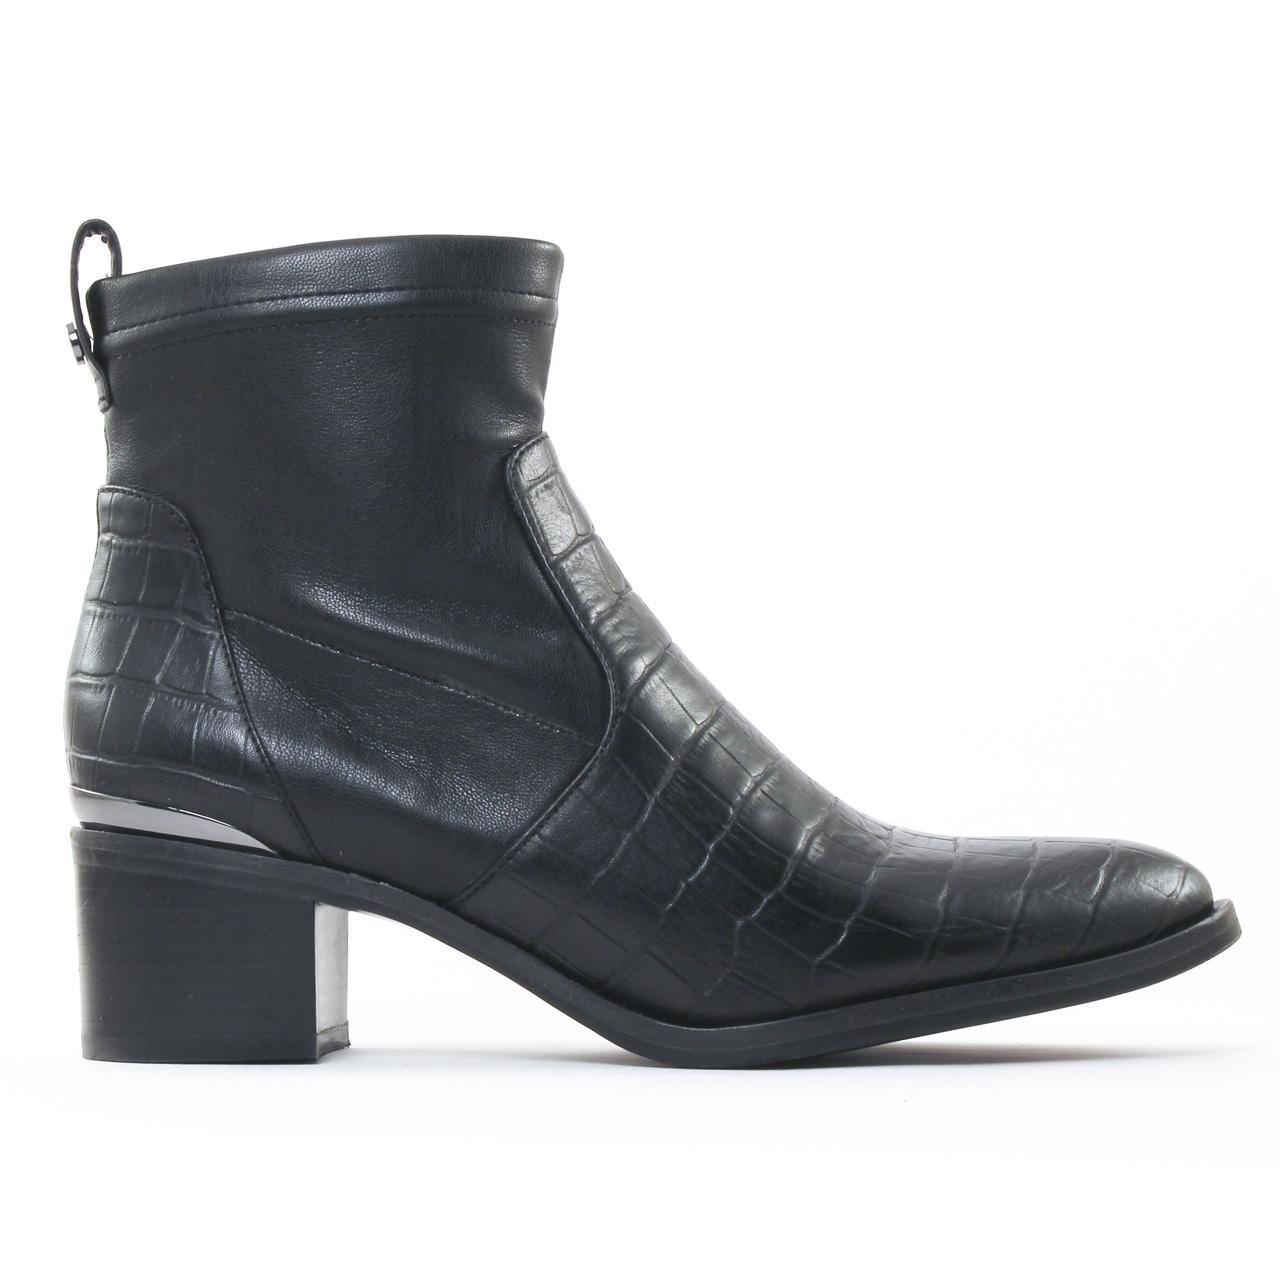 jb martin epure noir boot talon noir automne hiver chez trois par 3. Black Bedroom Furniture Sets. Home Design Ideas